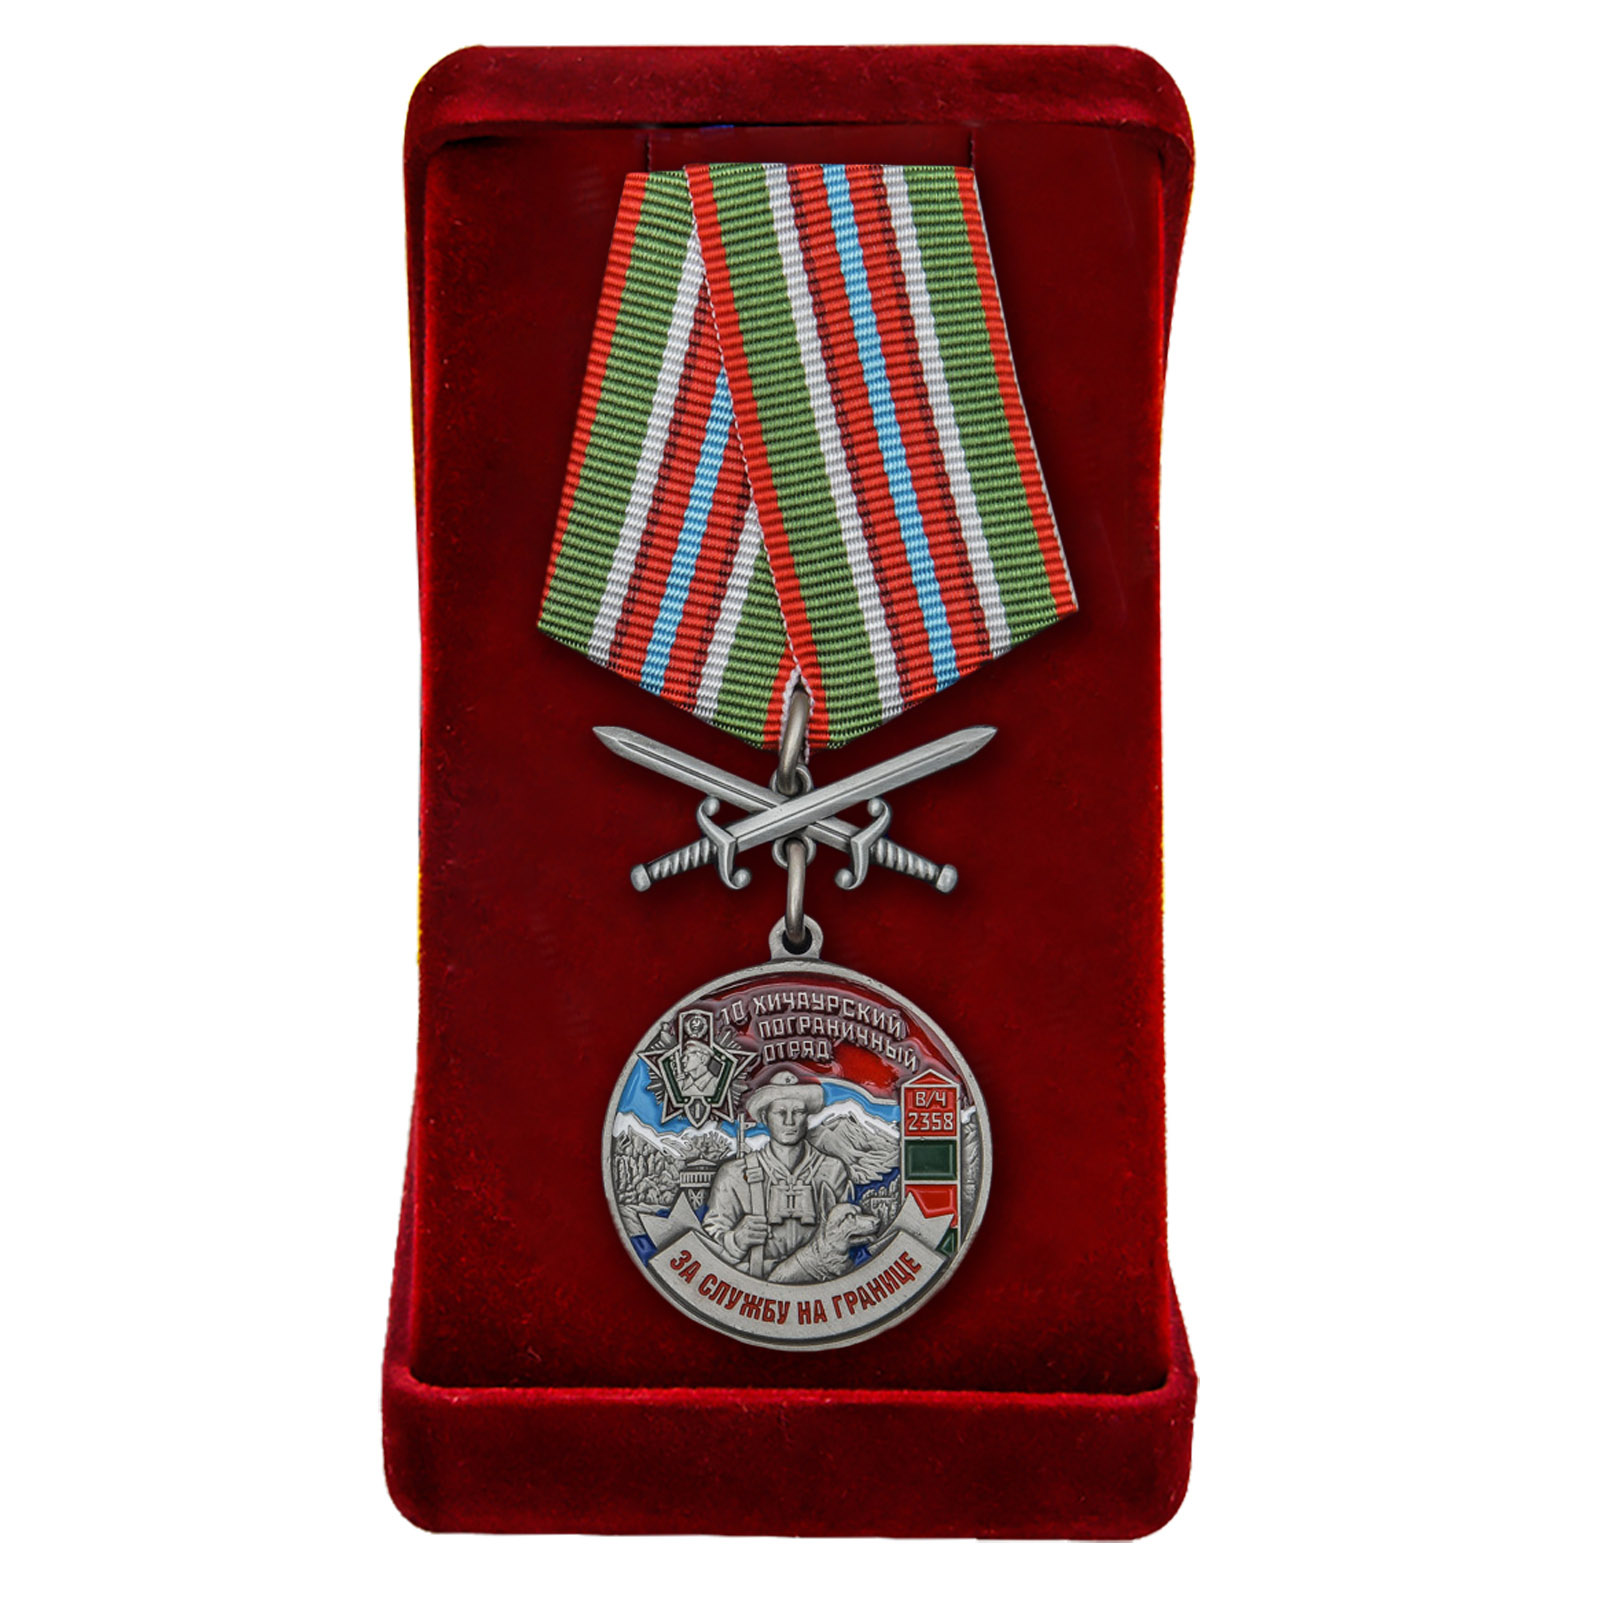 Купить медаль За службу на границе (10 Хичаурский ПогО) по лучшей цене